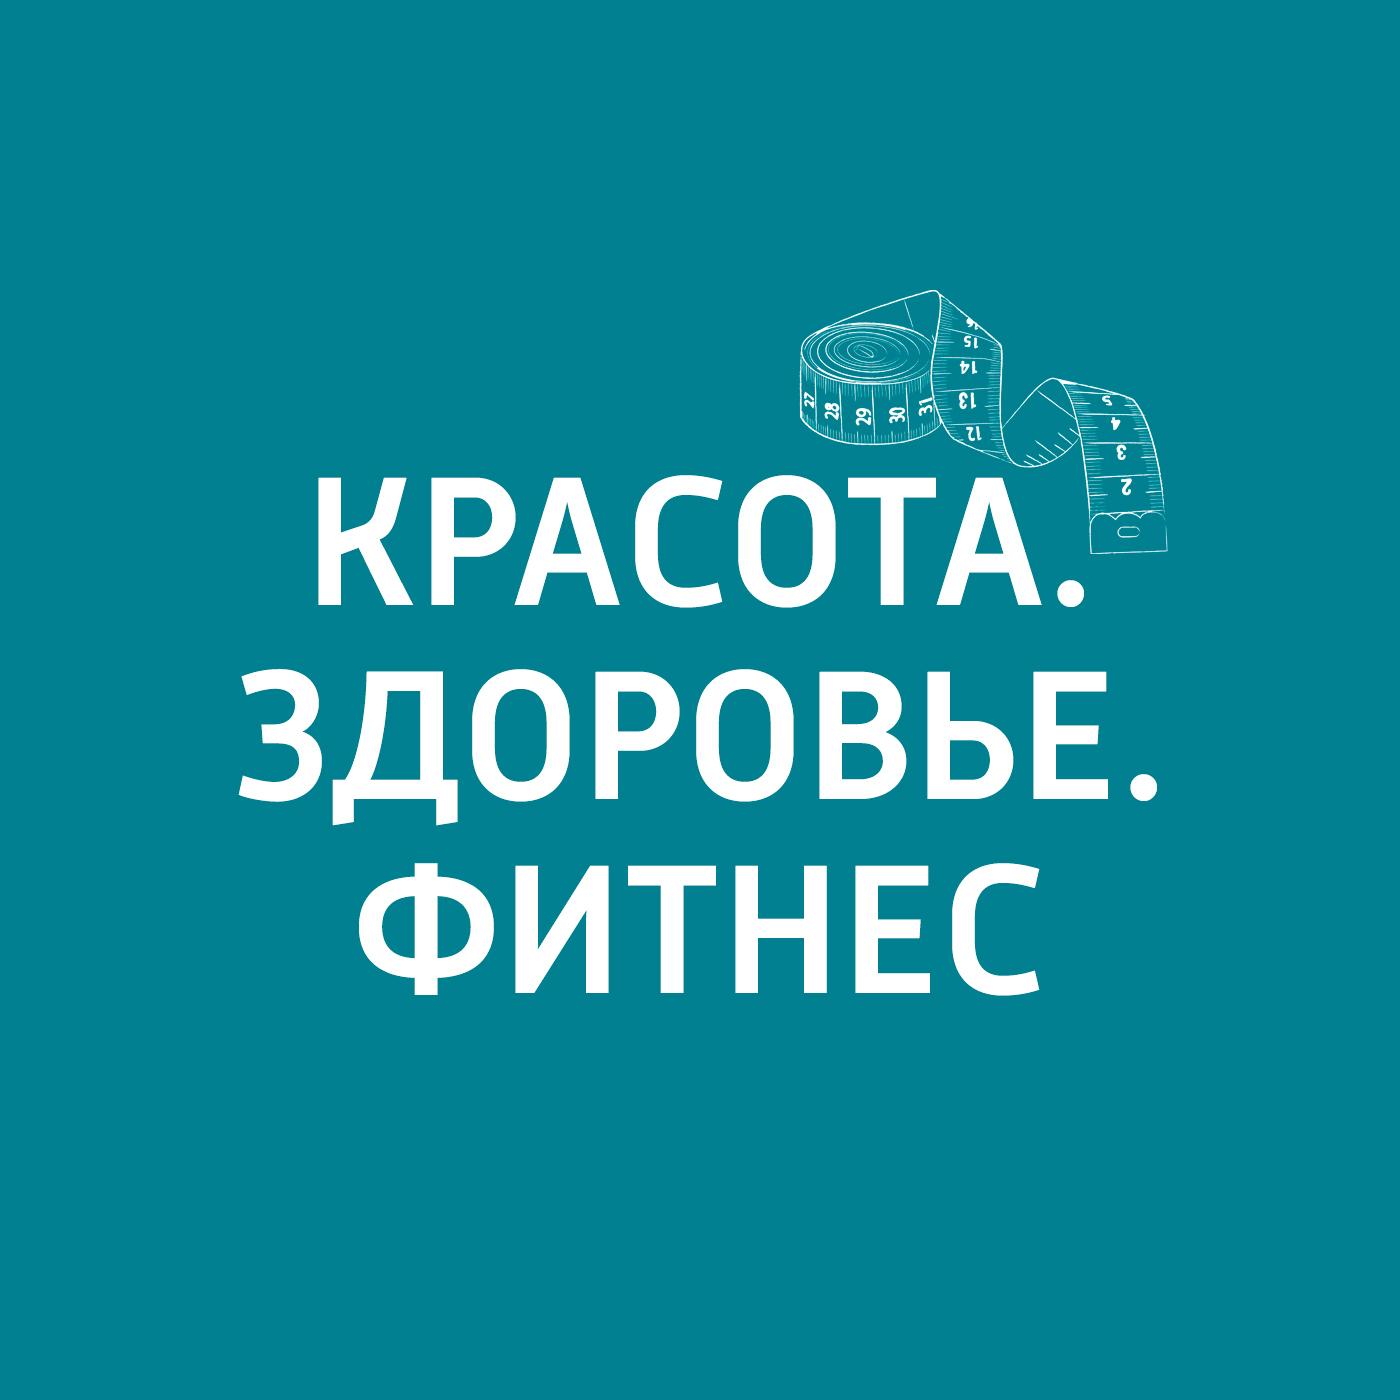 Маргарита Митрофанова Маникюр и педикюр: история, особенности spa маникюр и педикюр с покрытием shellac